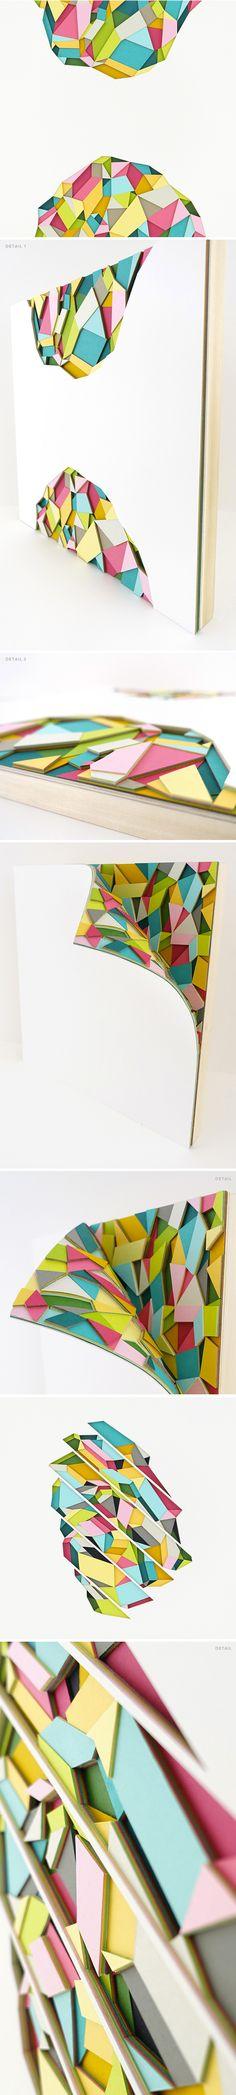 paper cutting work by huntz liu (paper!?)